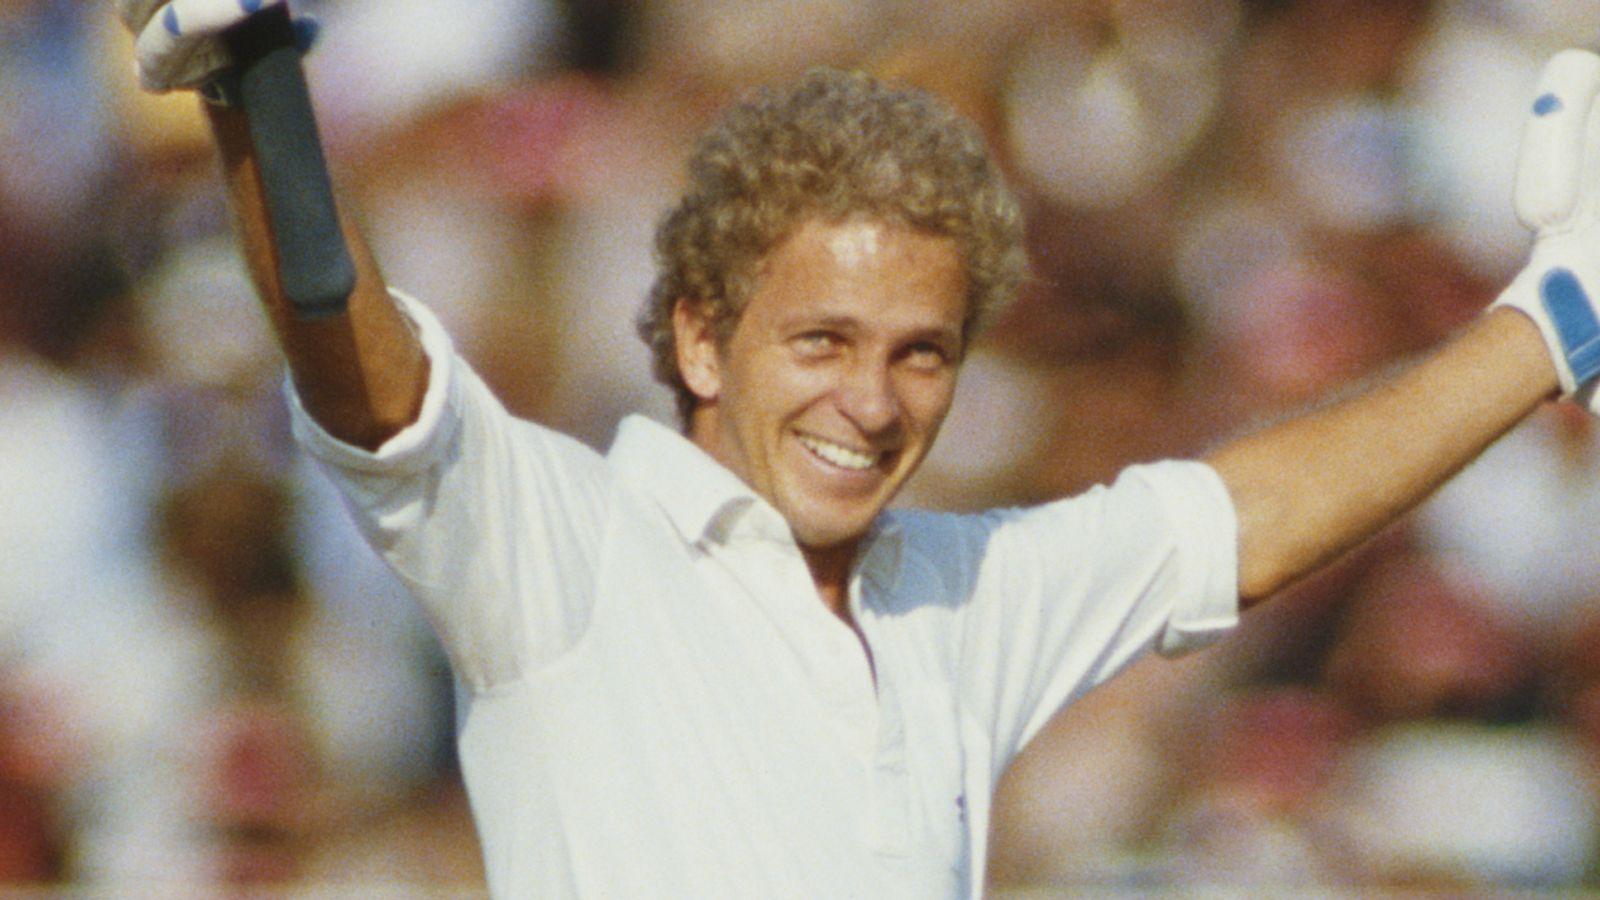 Cenizas en los años 80 - 1985: el verano dorado de Inglaterra bajo David Gower | Noticias de Cricket 3